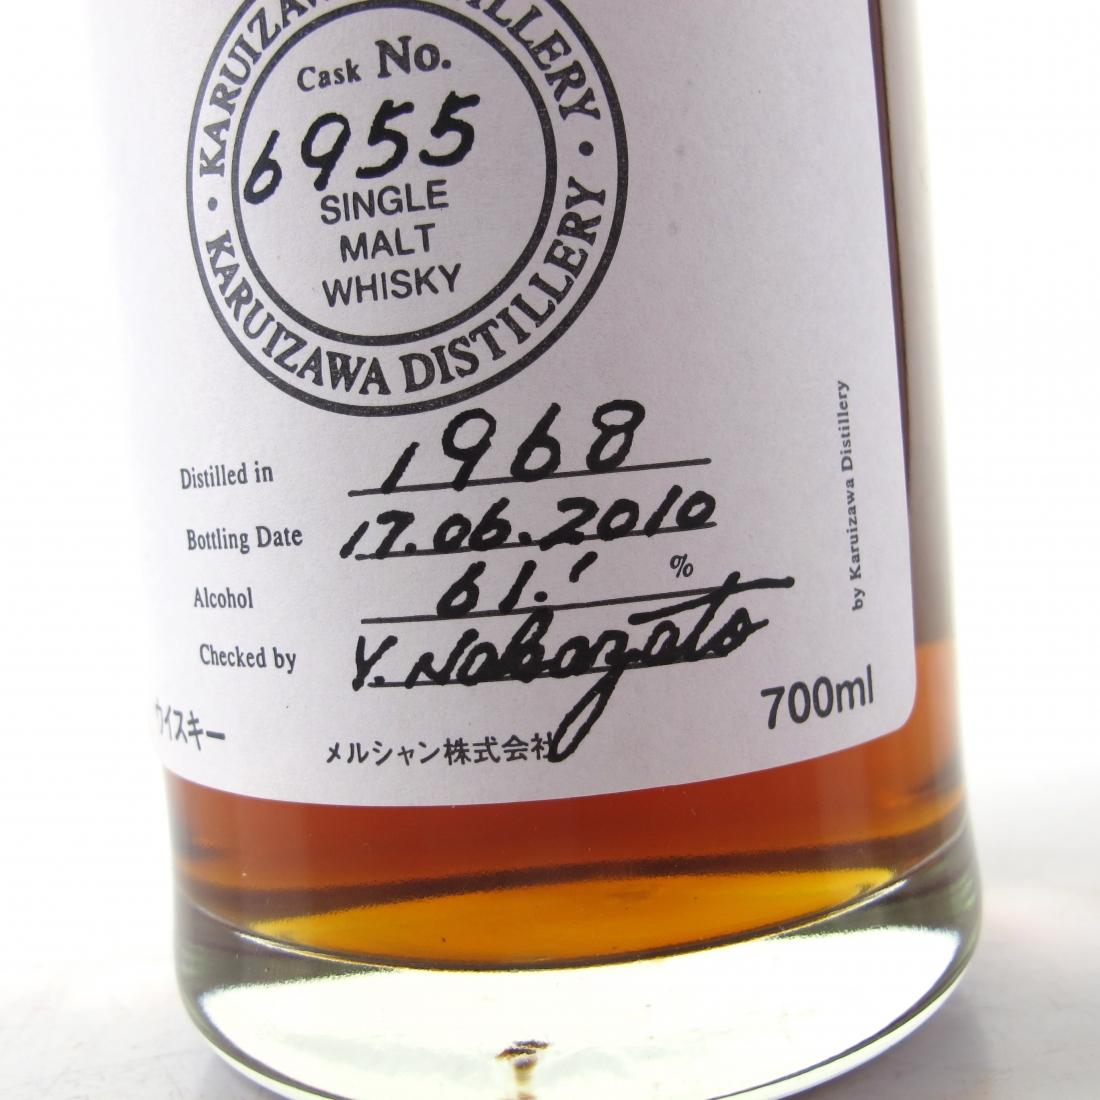 Karuizawa 1968 Single Cask #6955